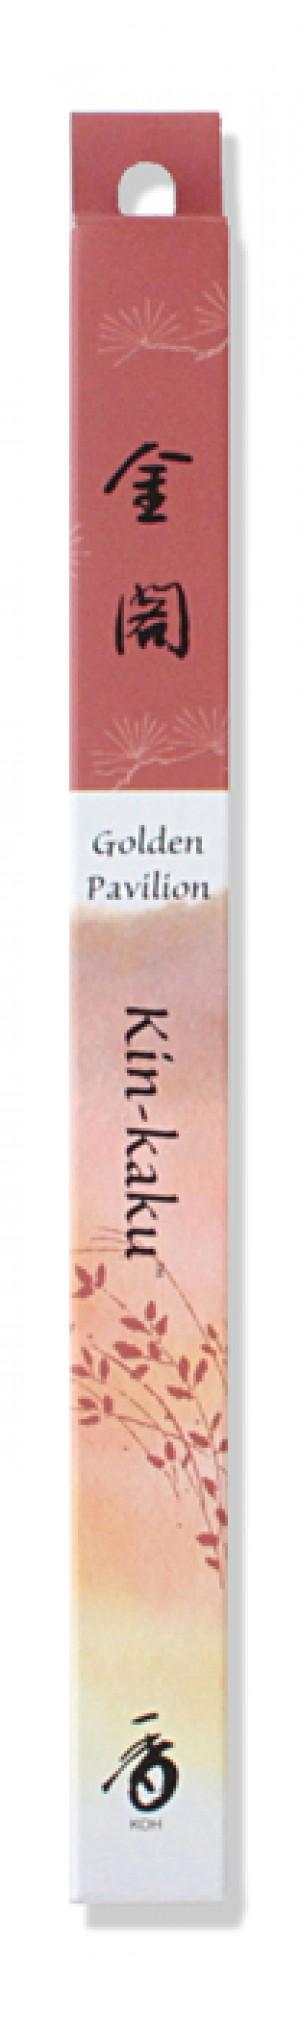 Shoyeido - Kin-Kaku / Golden Pavilion - 35 Incense Sticks